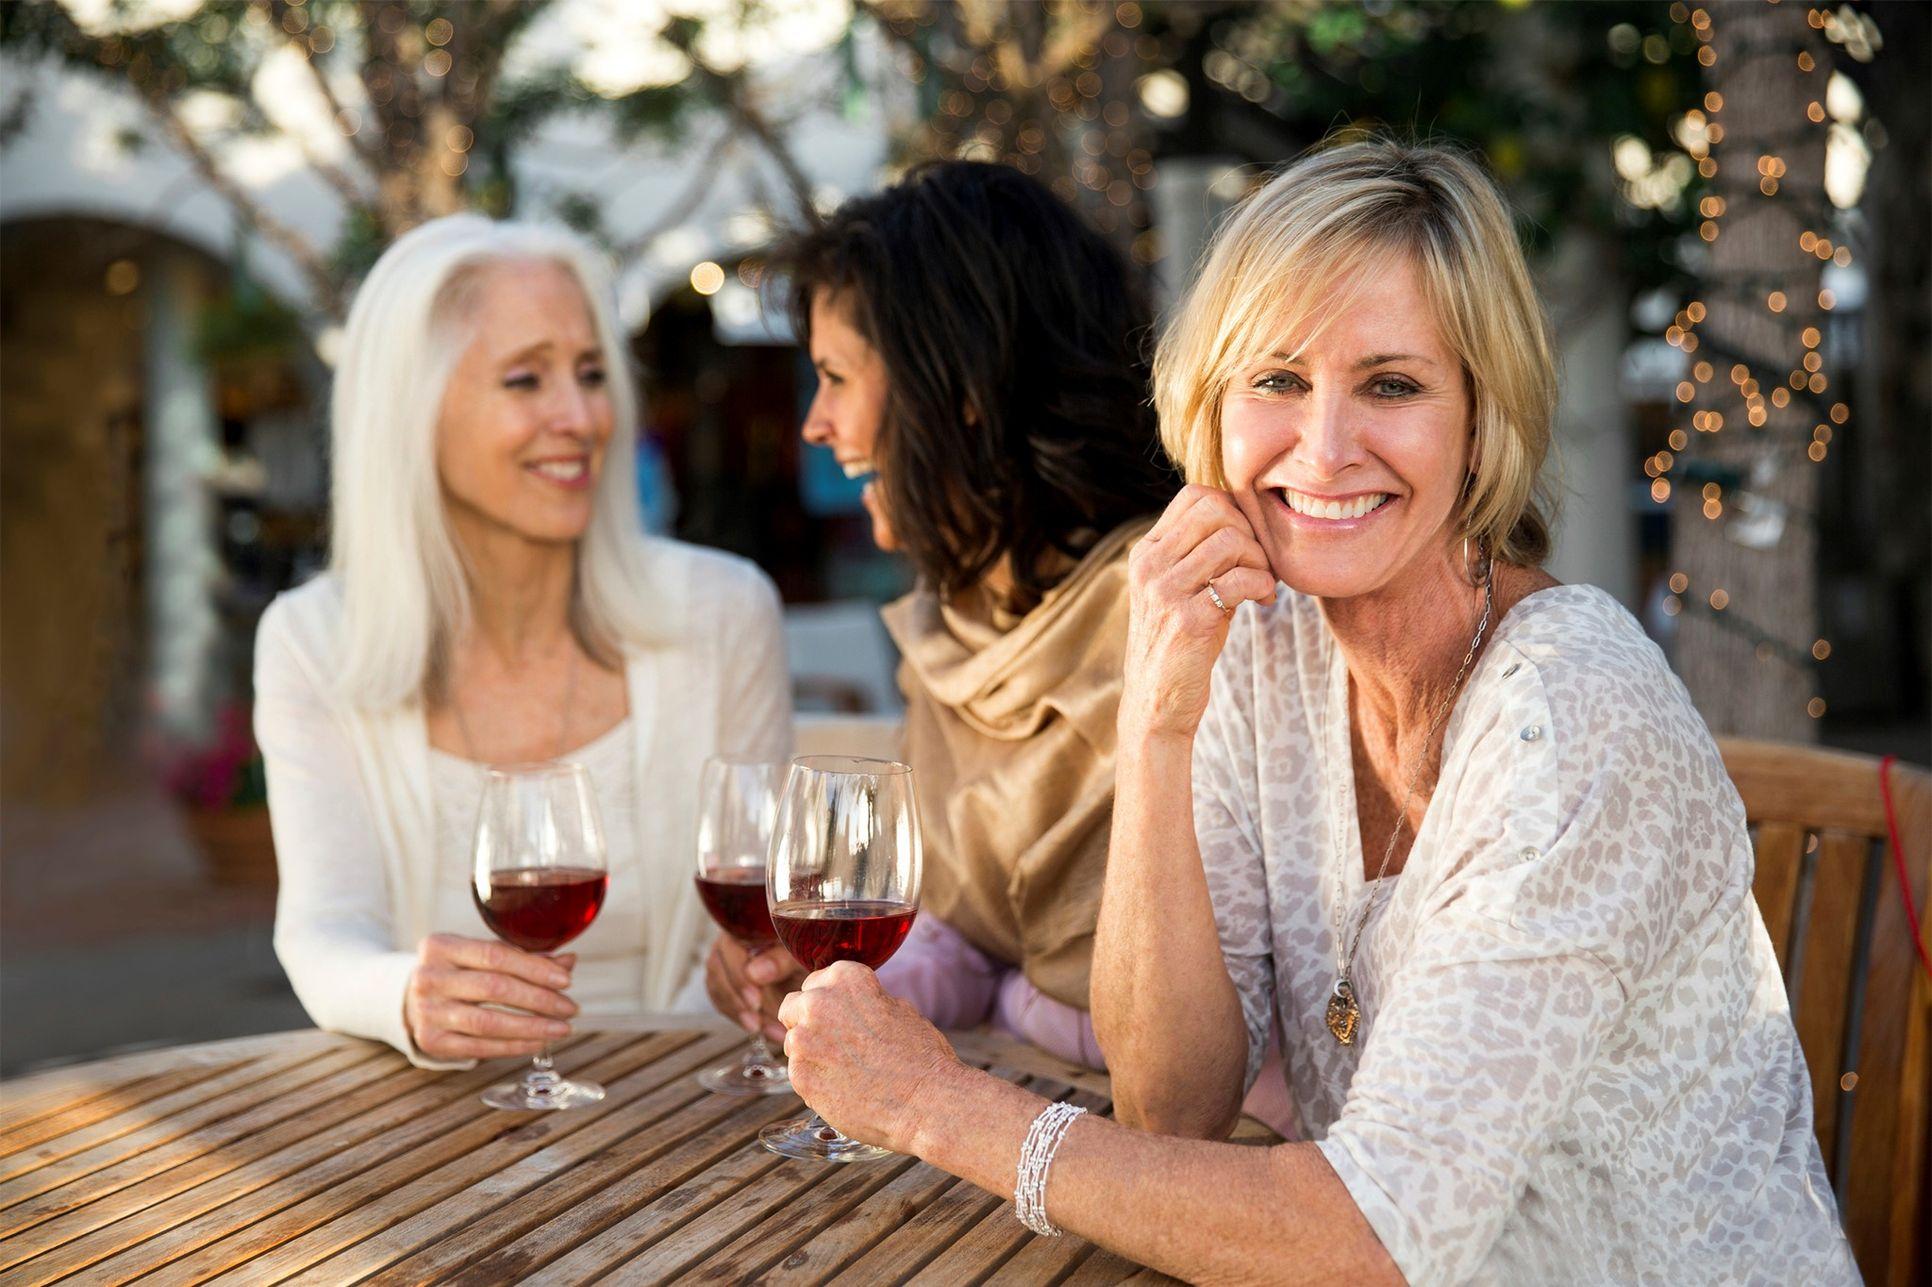 Older ladies enjoying wine